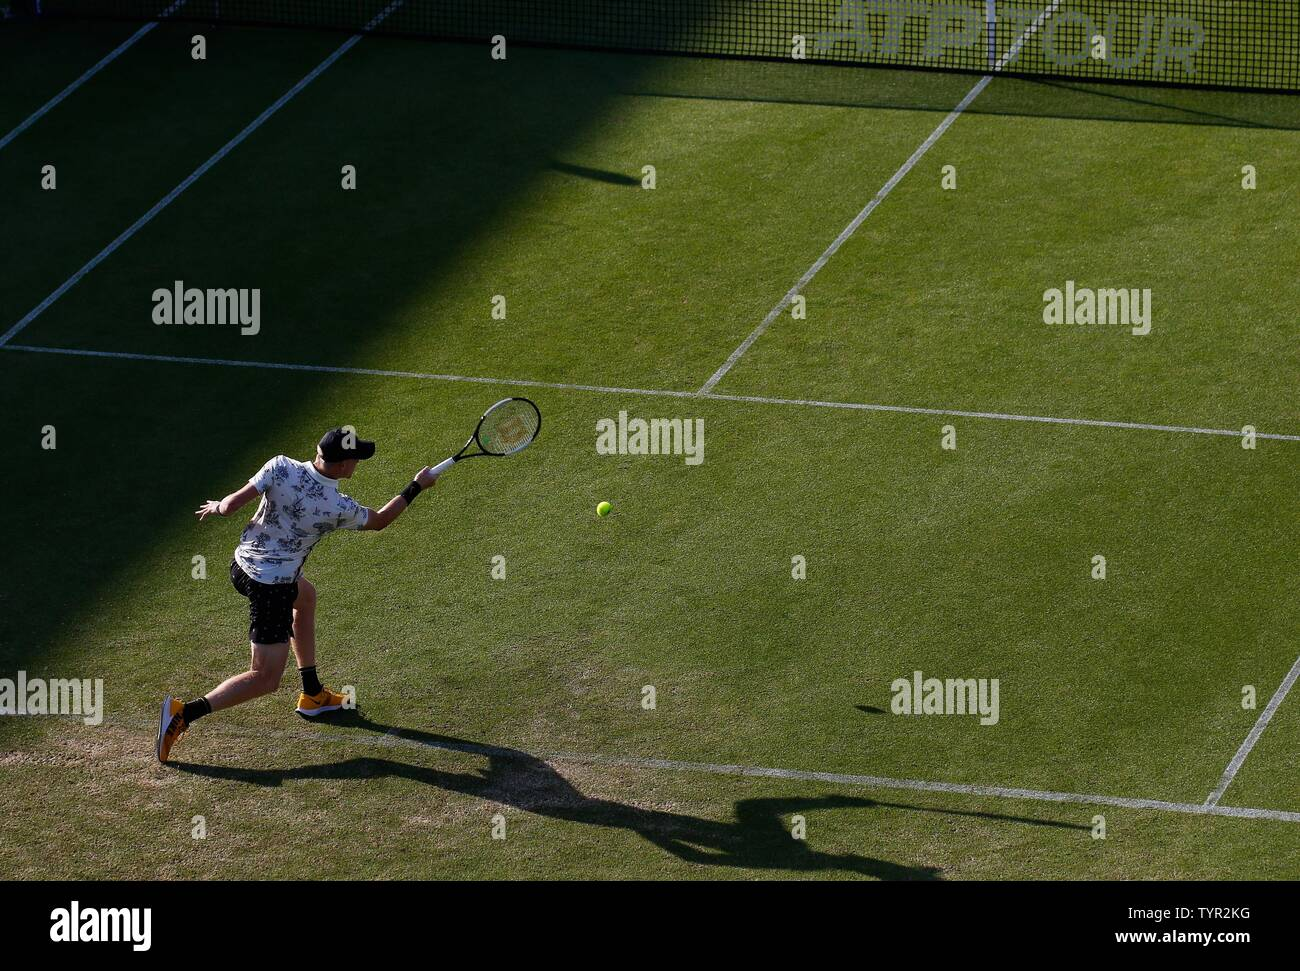 Devonshire Park, Eastbourne, Reino Unido. El 26 de junio, 2019. Nature Valley torneo de tenis internacional; Kyle Edmund (GBR) desempeña un forehand shot en su partido contra Cameron Norrie (GBR) Crédito: Además de los deportes de acción/Alamy Live News Foto de stock